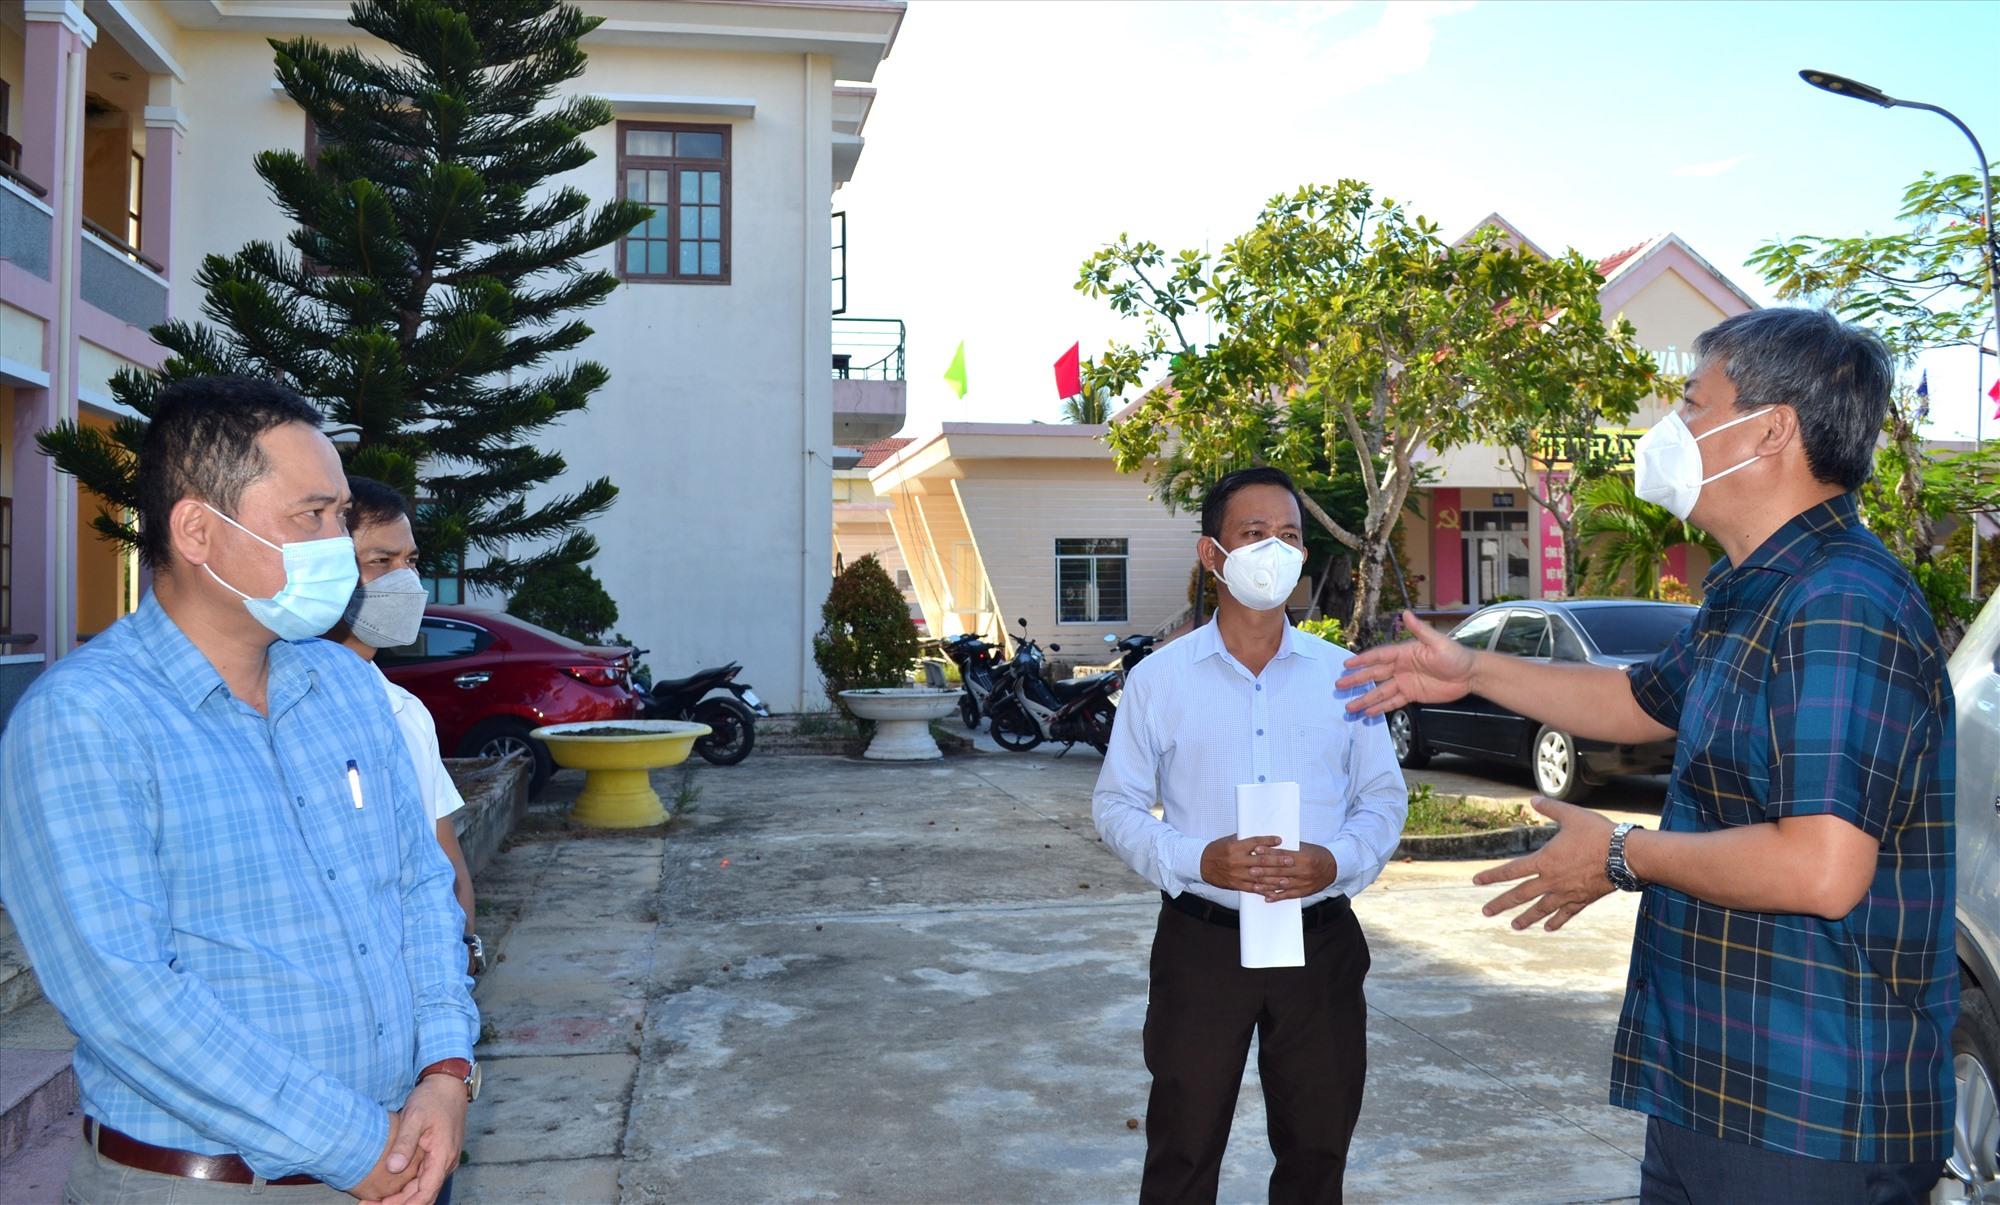 Phó Chủ tịch UBND tỉnh Hồ Quang Bửu yêu cầu các địa phương rà soát hộ gia đình nằm trong diện được hỗ trợ, lập danh sách, đề xuất UBND tỉnh hỗ trợ kinh phí xây dựng nhà phòng chống bão lũ. Ảnh: VIỆT NGUYỄN